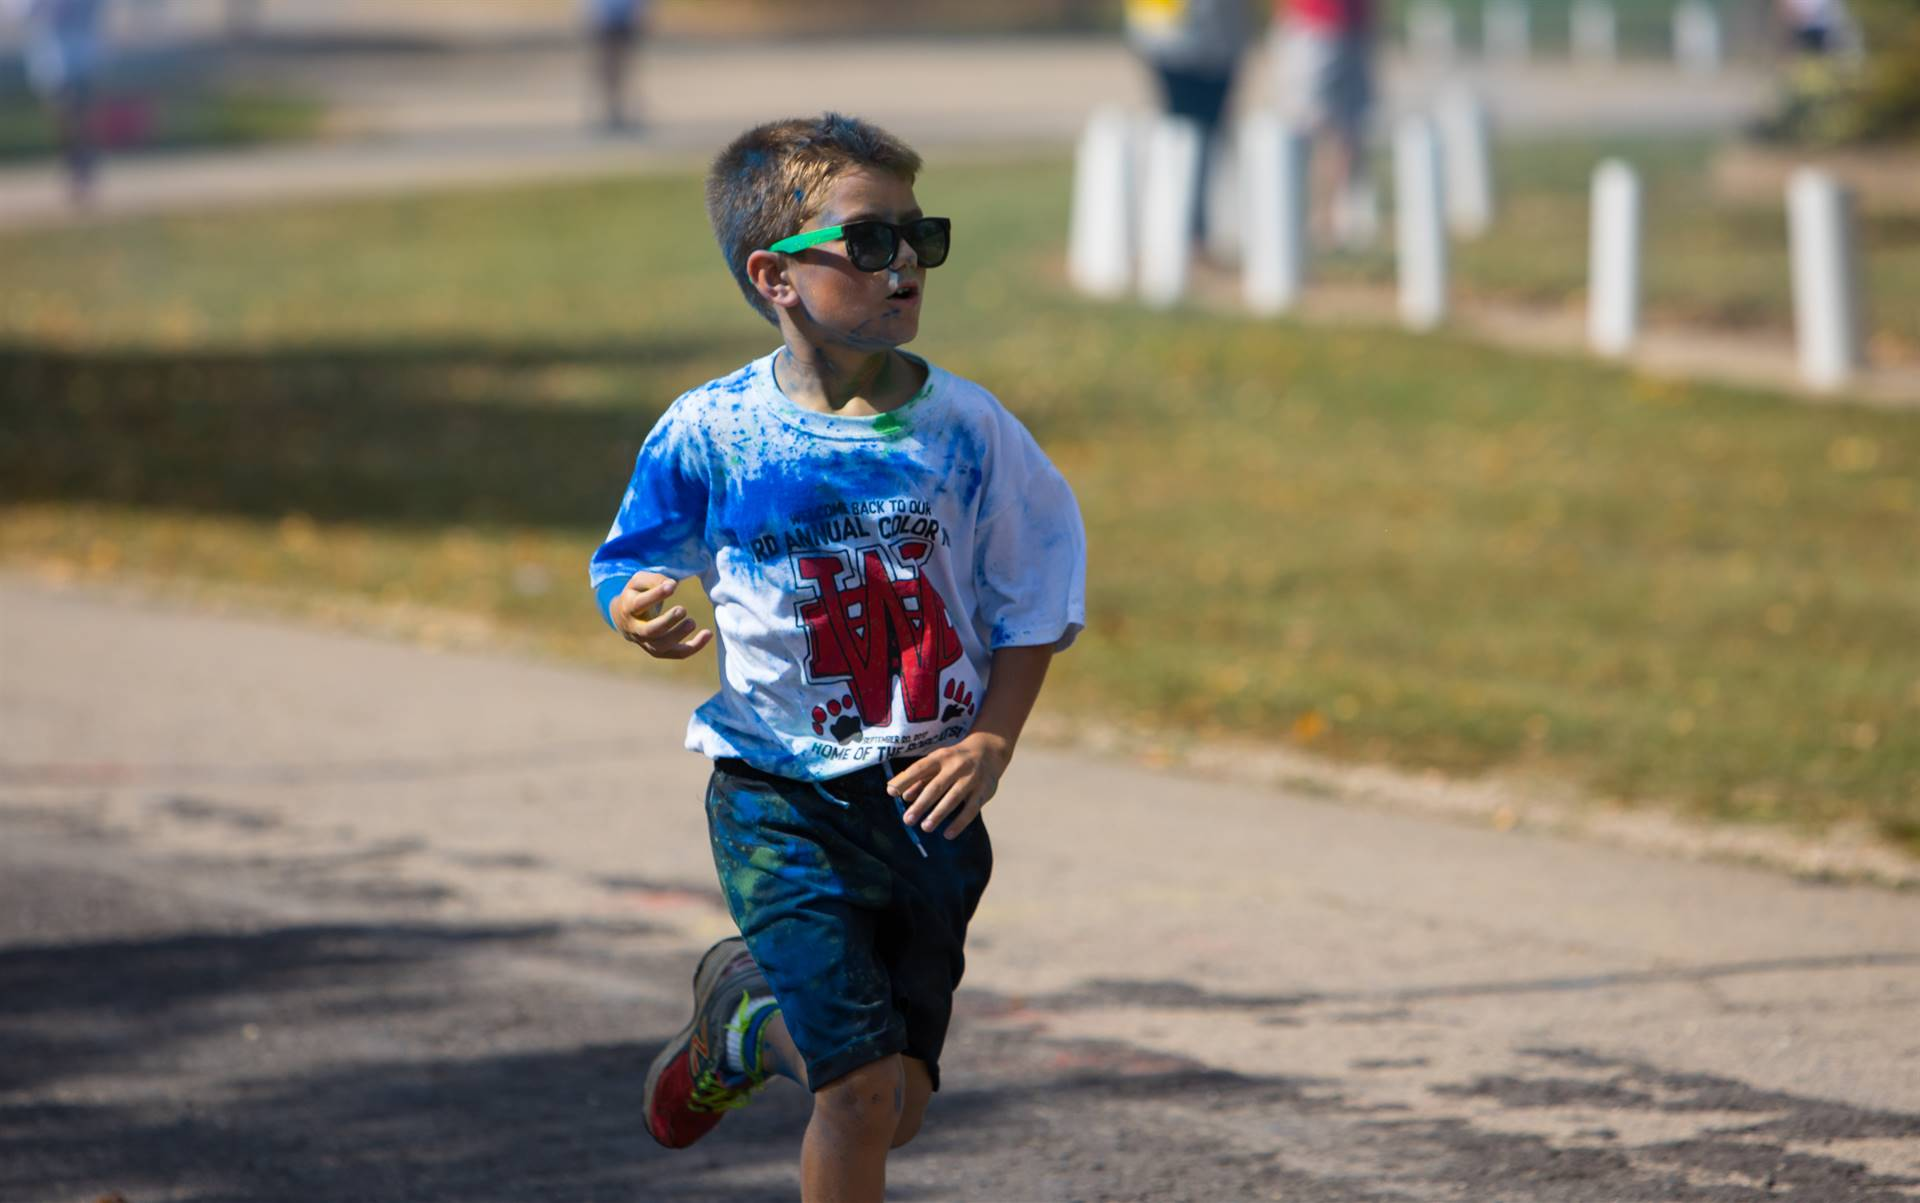 Boy 5 at color run